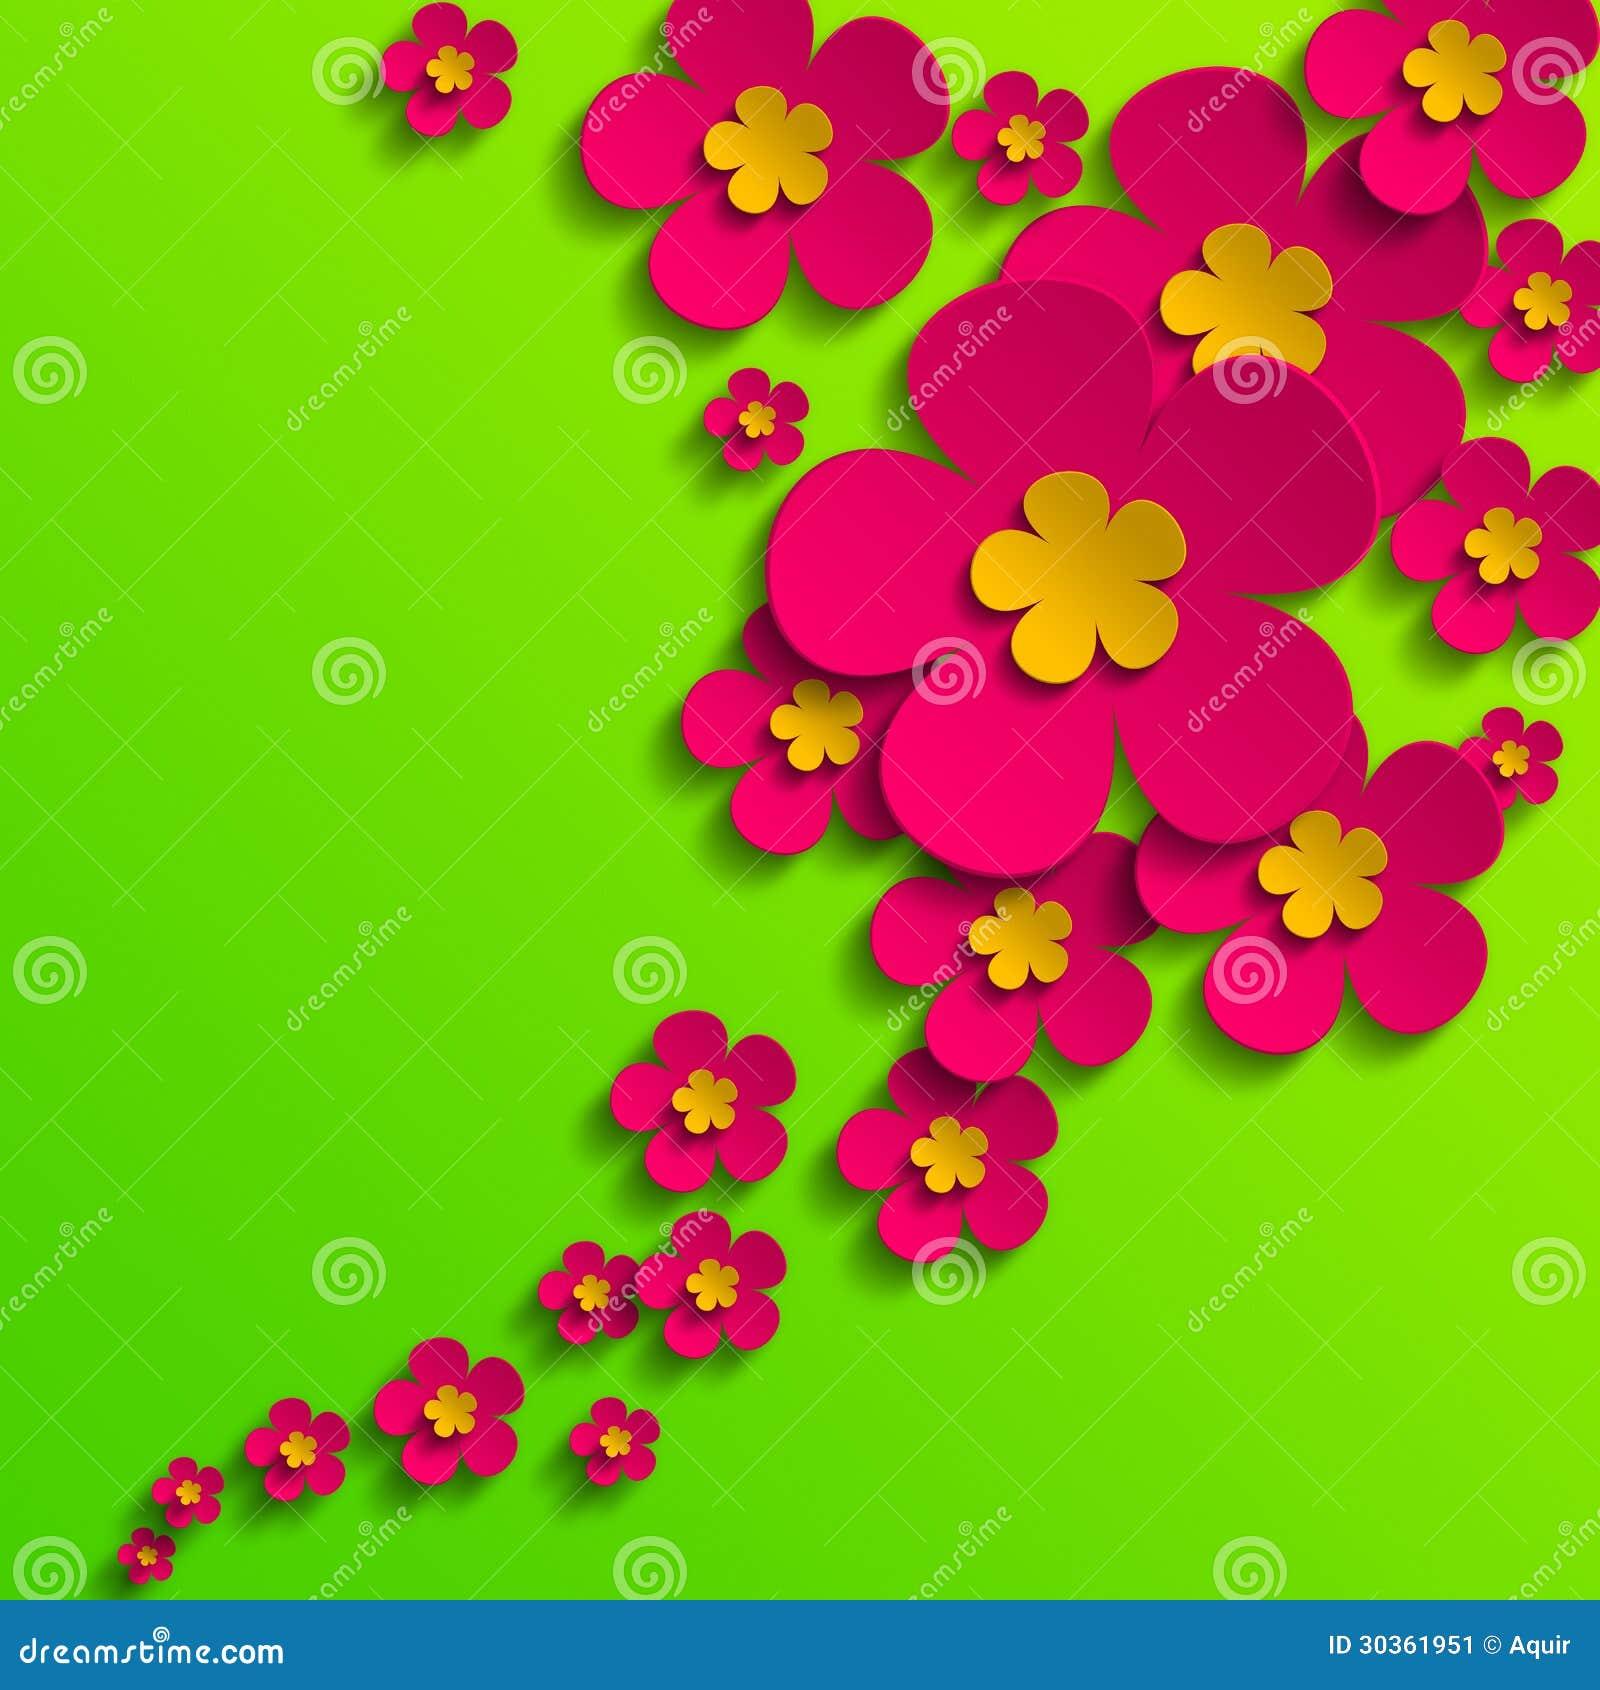 Flower Poster Stock Illustration. Illustration Of